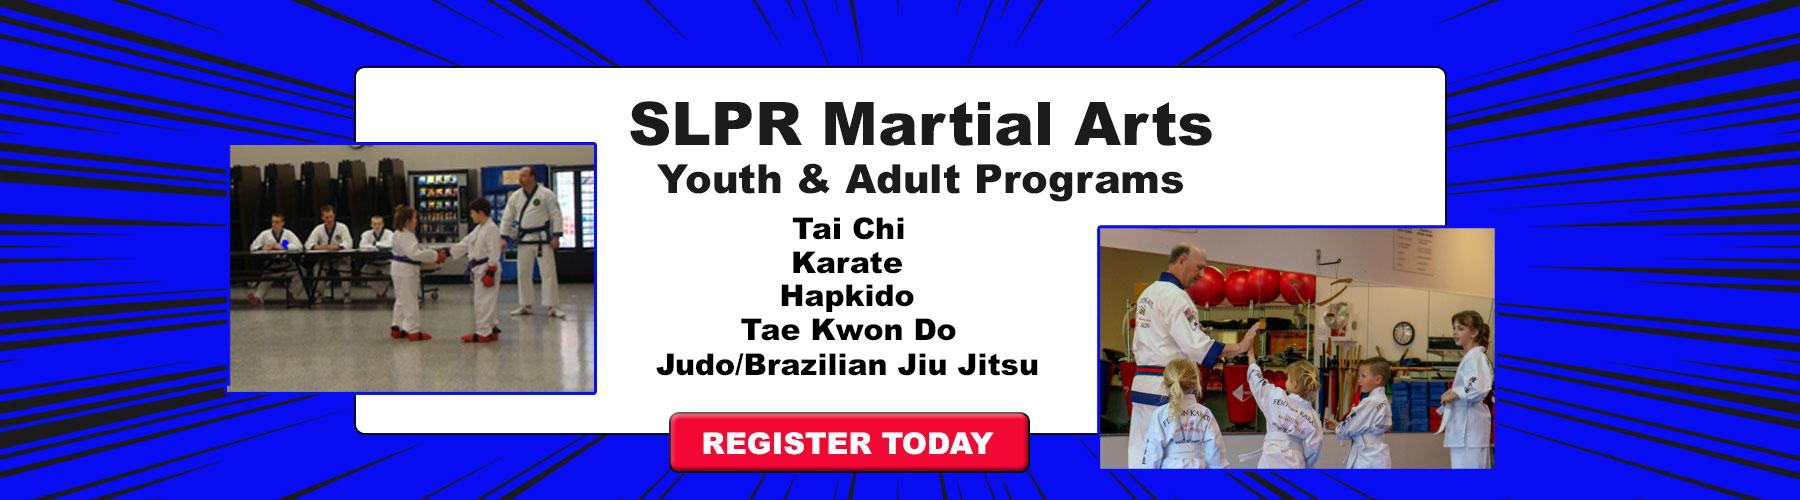 SLPR Martial Arts